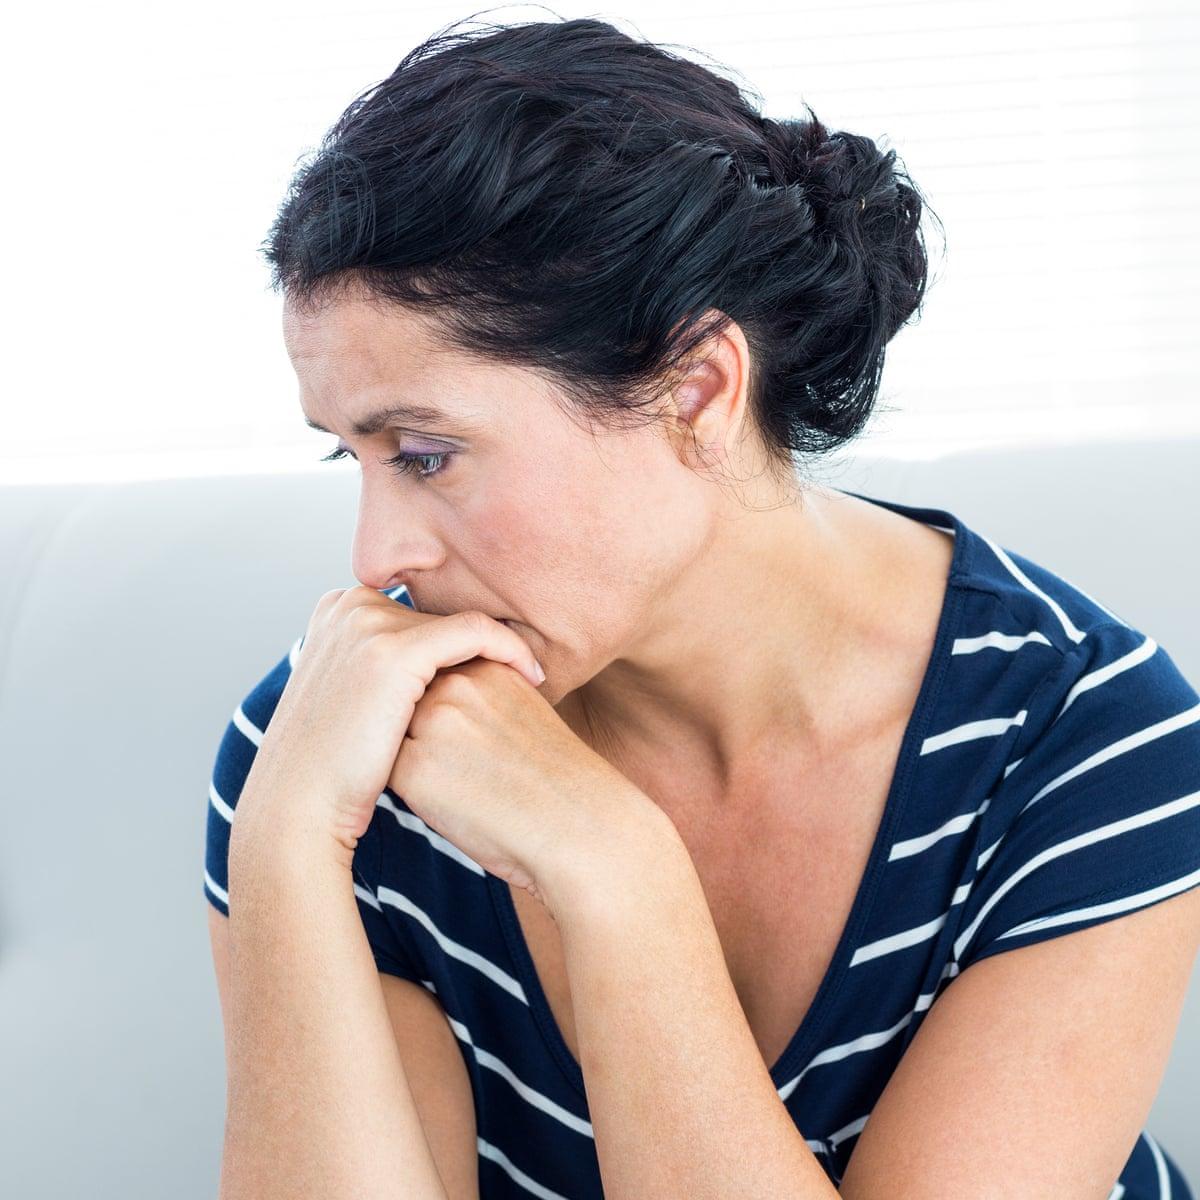 Wife refuses intimacy